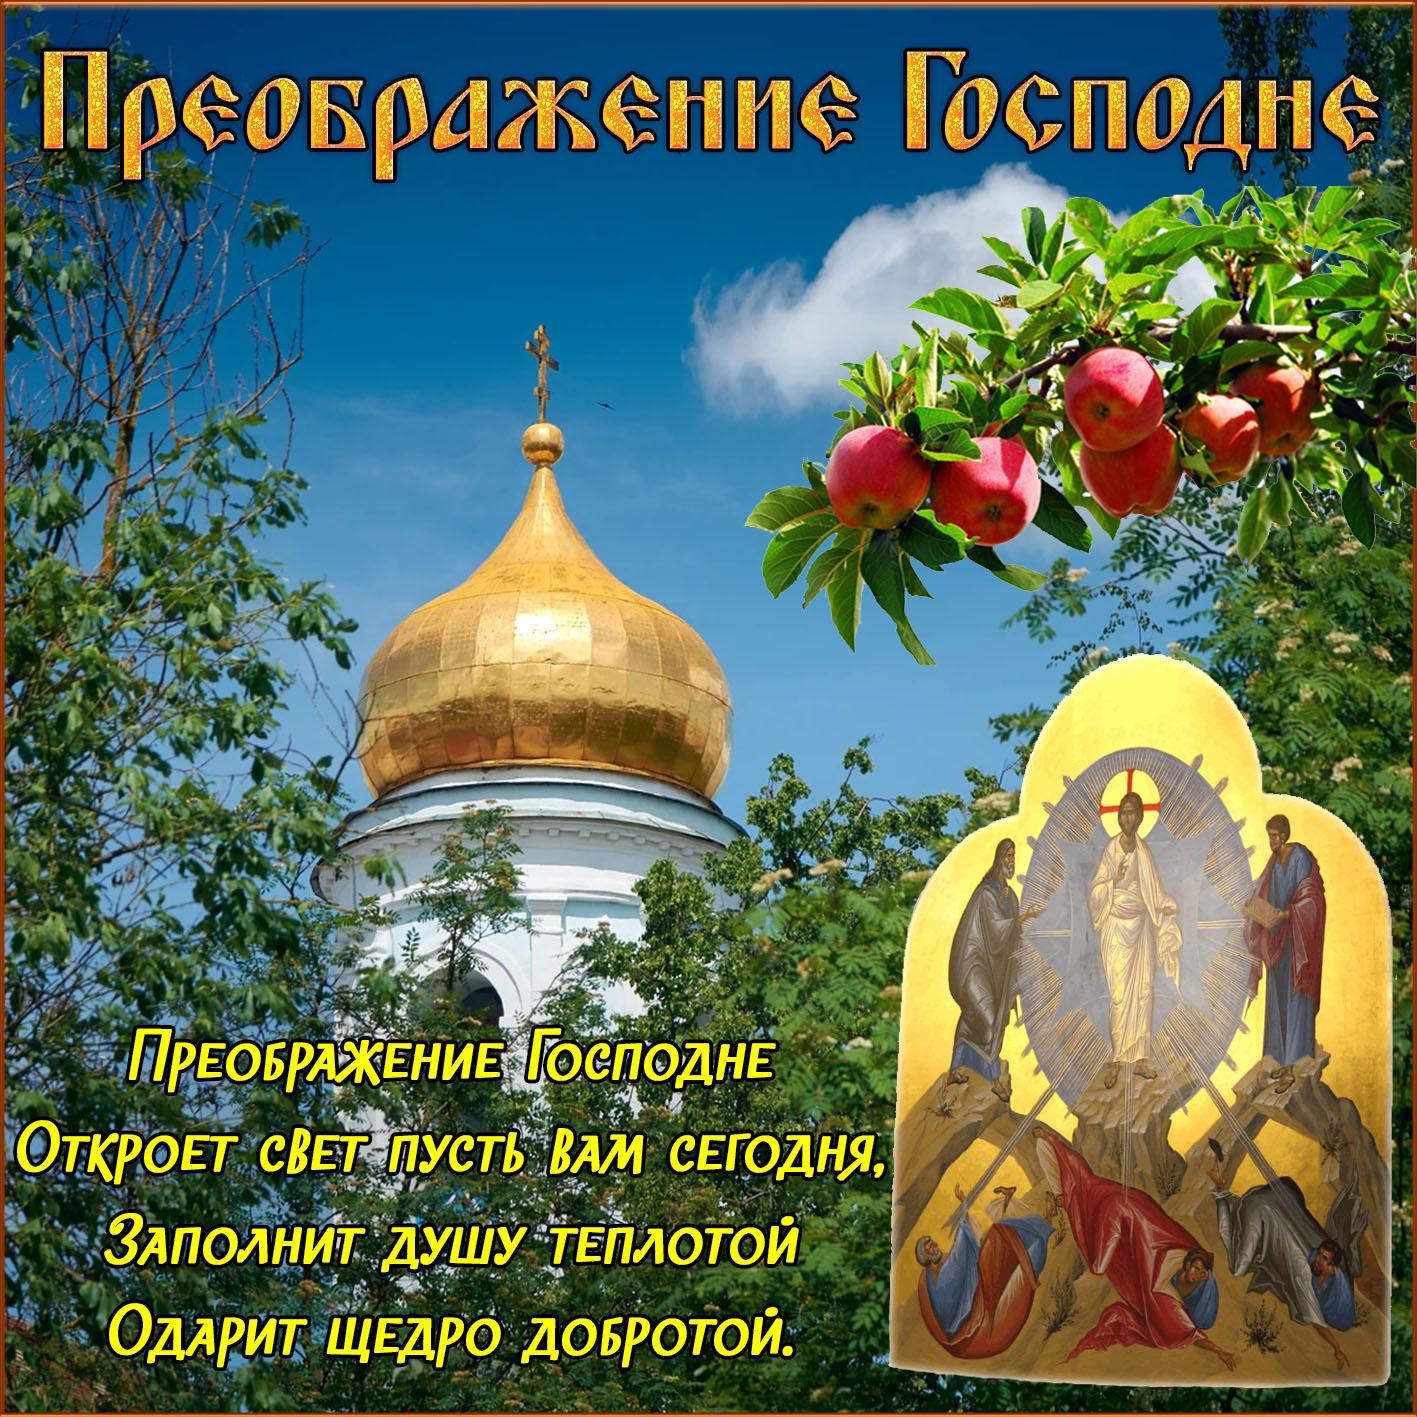 Картинка на Преображение Господне с куполом